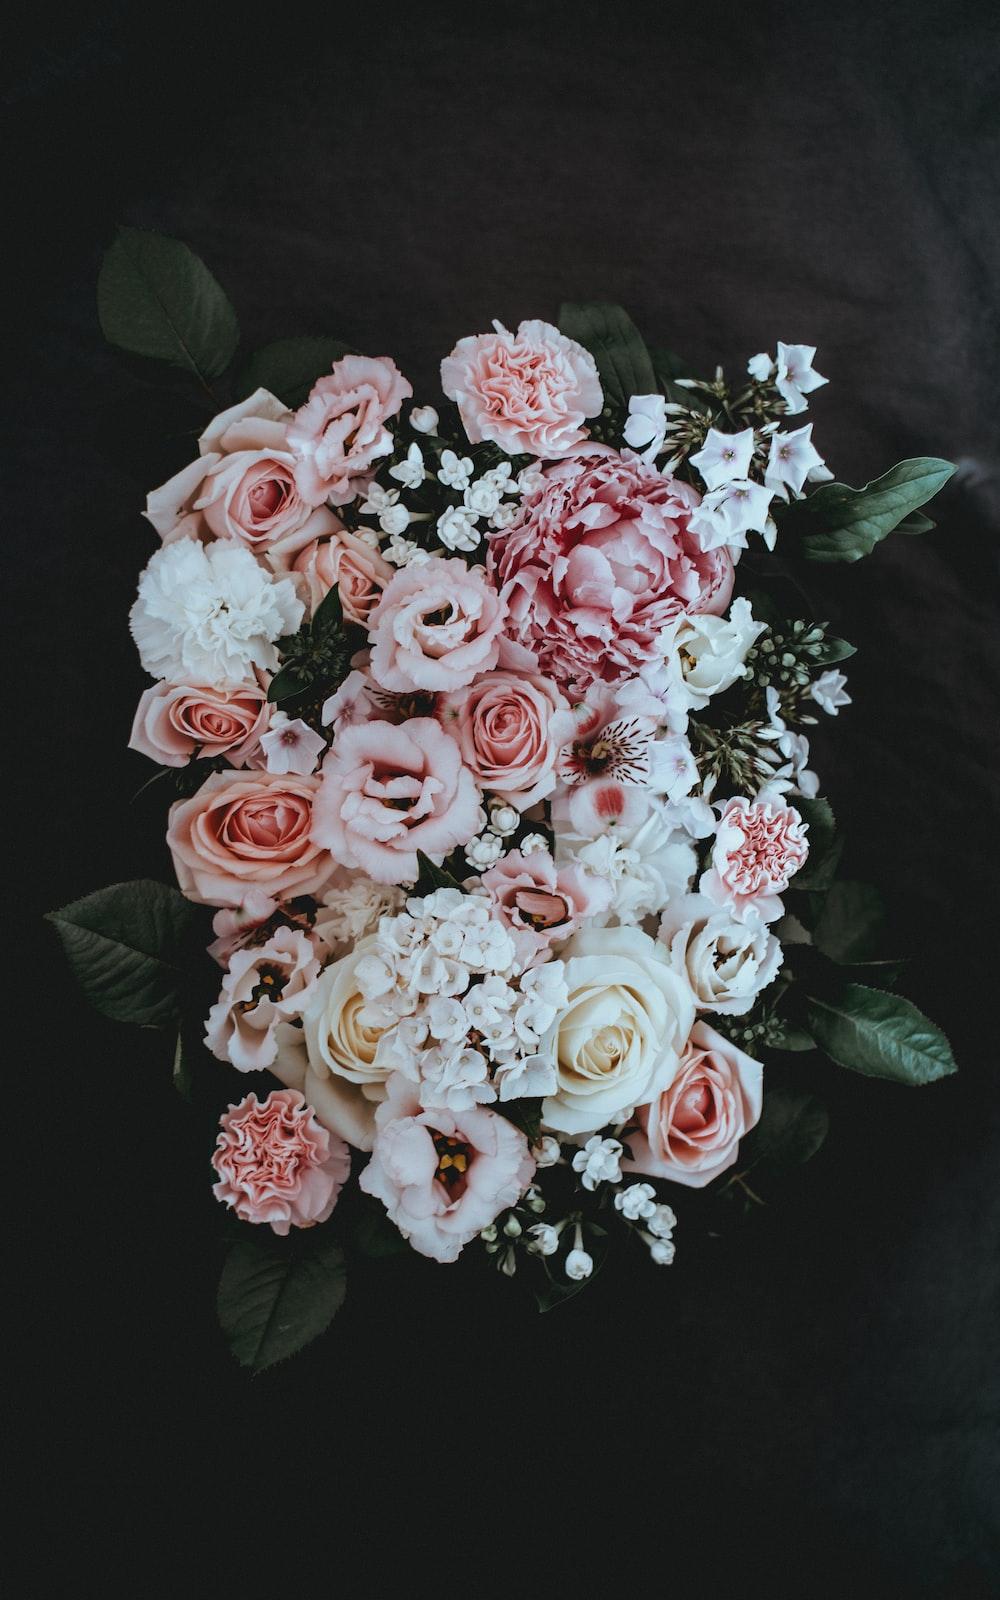 Pale pinks on dark tones photo by annie spratt anniespratt on white and pink petaled flower arrangement mightylinksfo